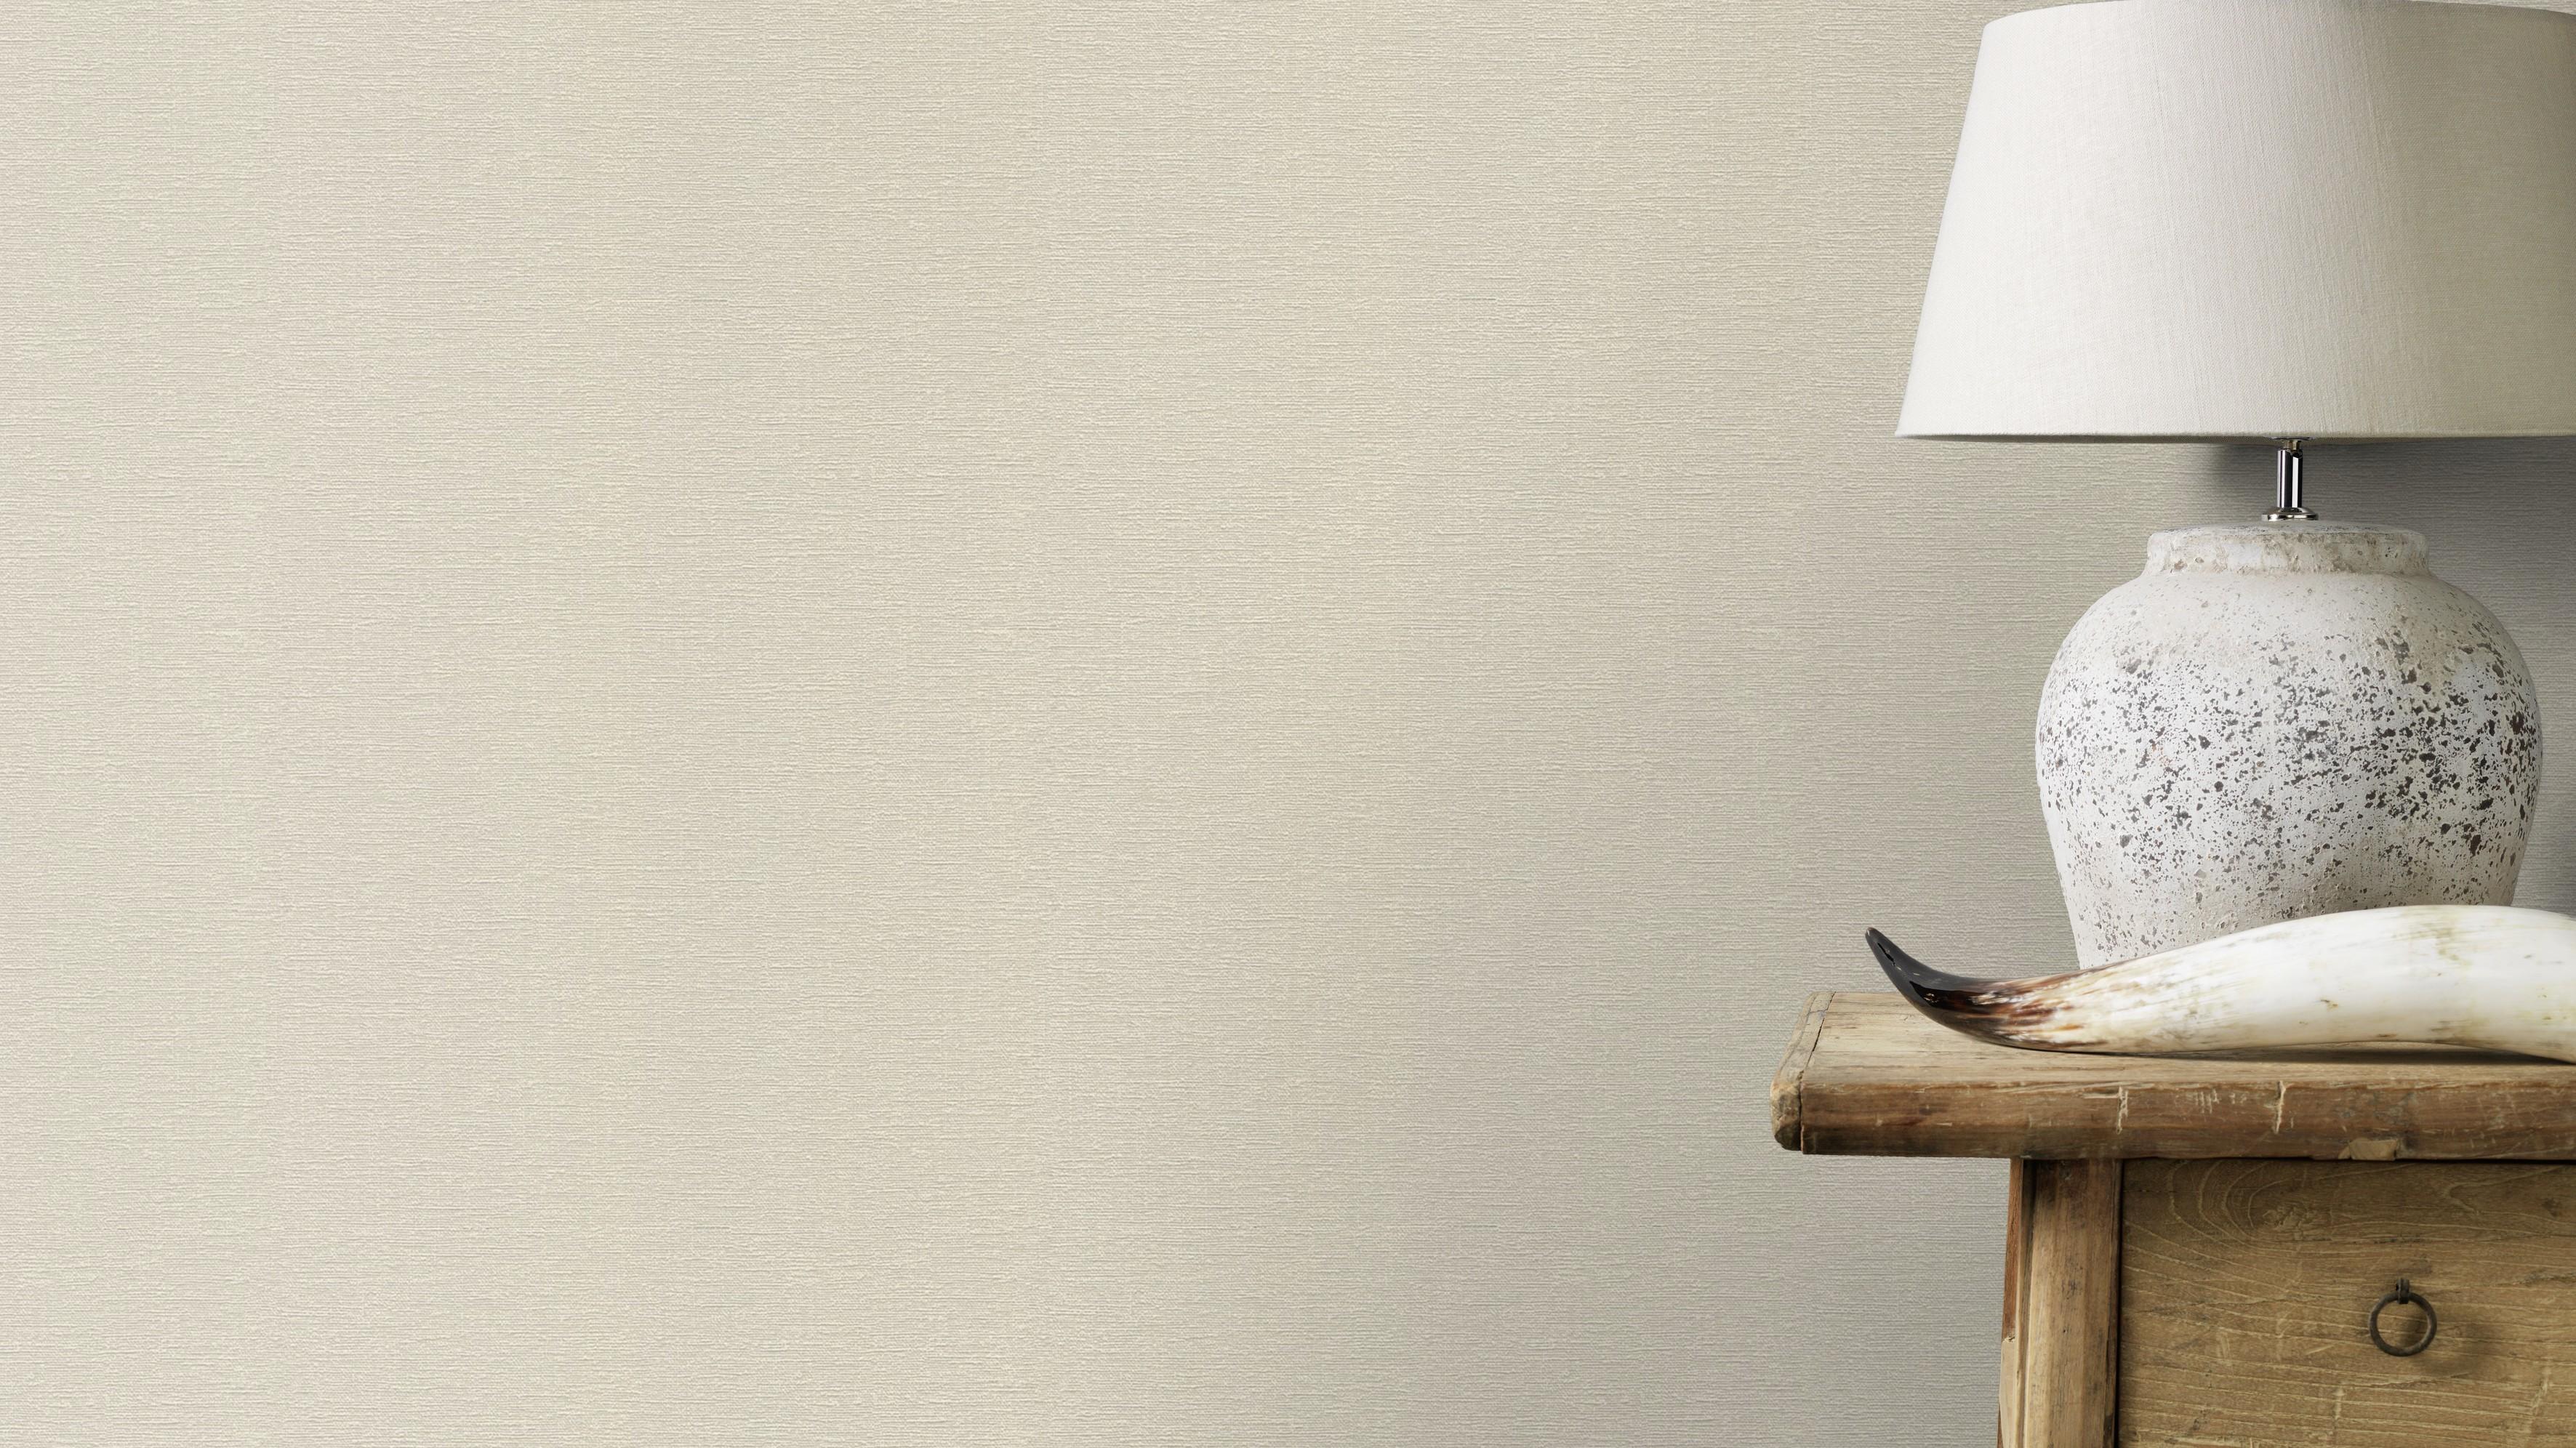 Bézs egyszínű Rasch tapéta Hotspot retro katalógus